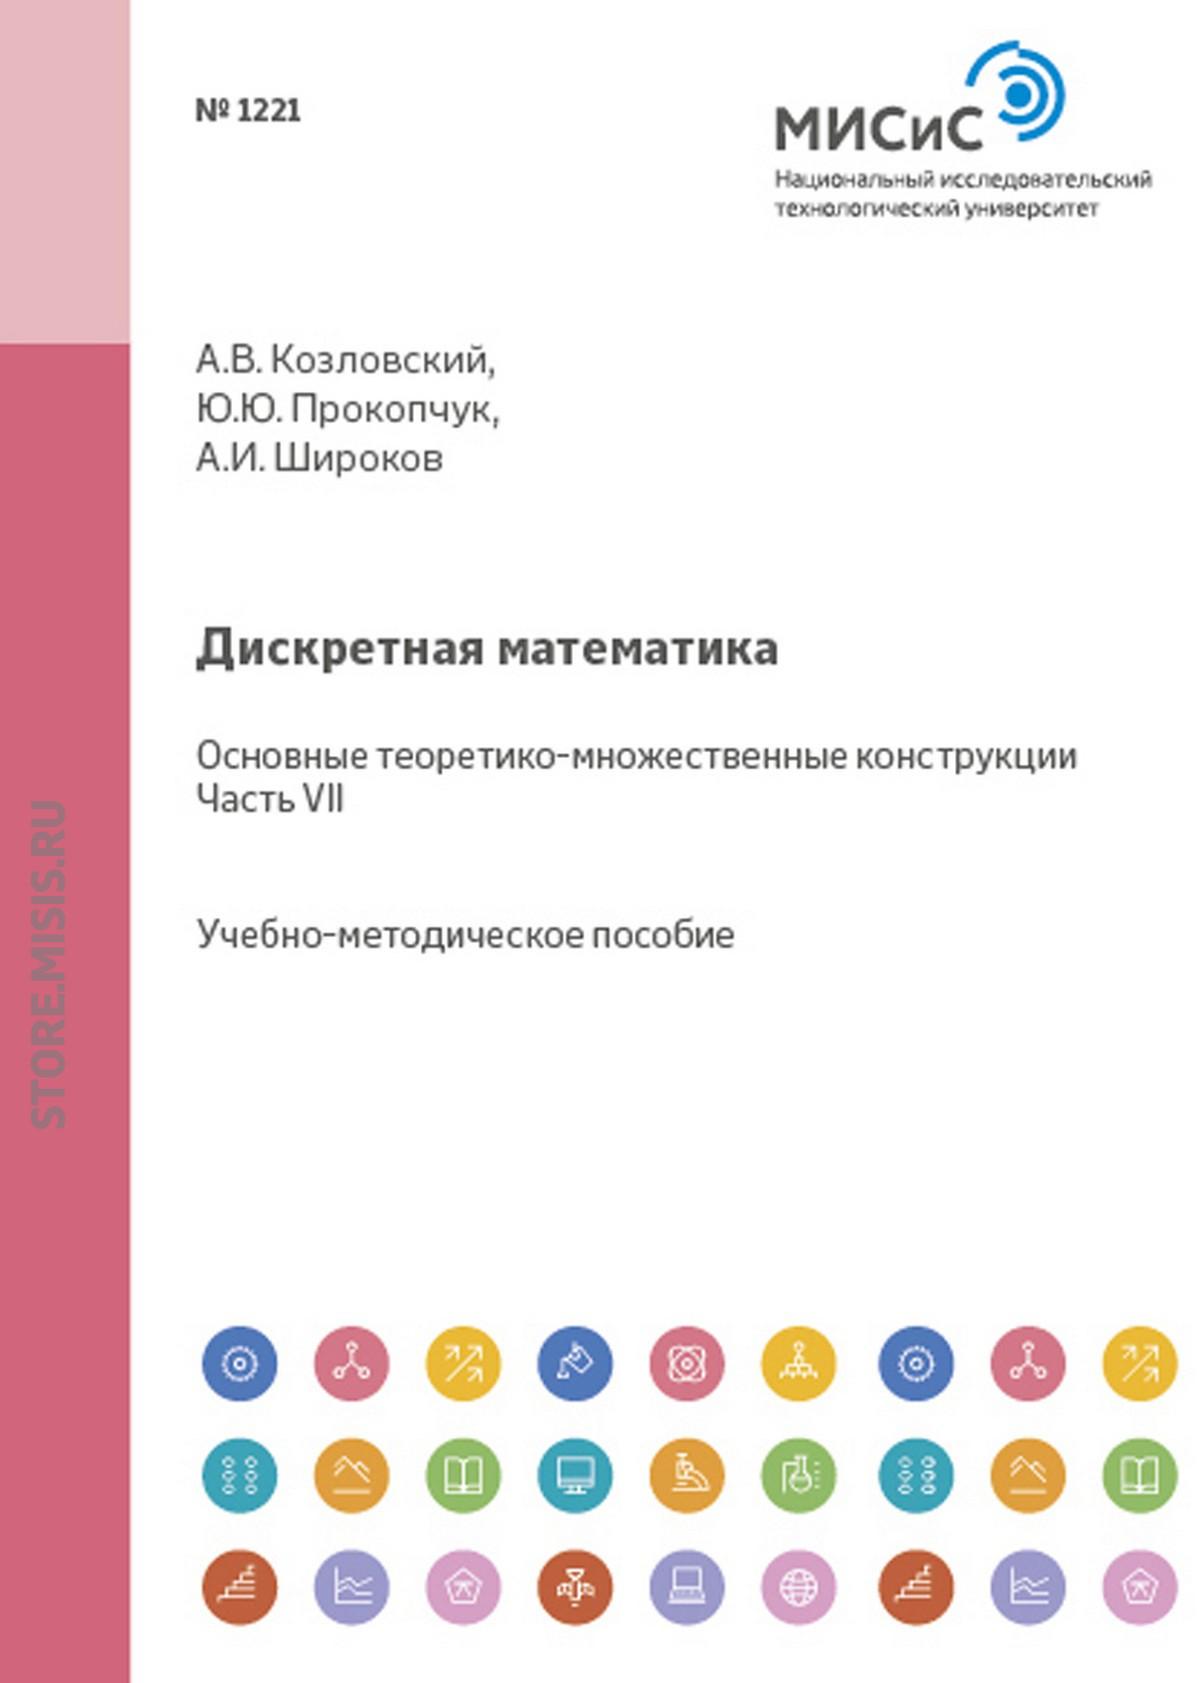 А. И. Широков Дискретная математика. Основные теоретико-множественные конструкции. Часть VII цена